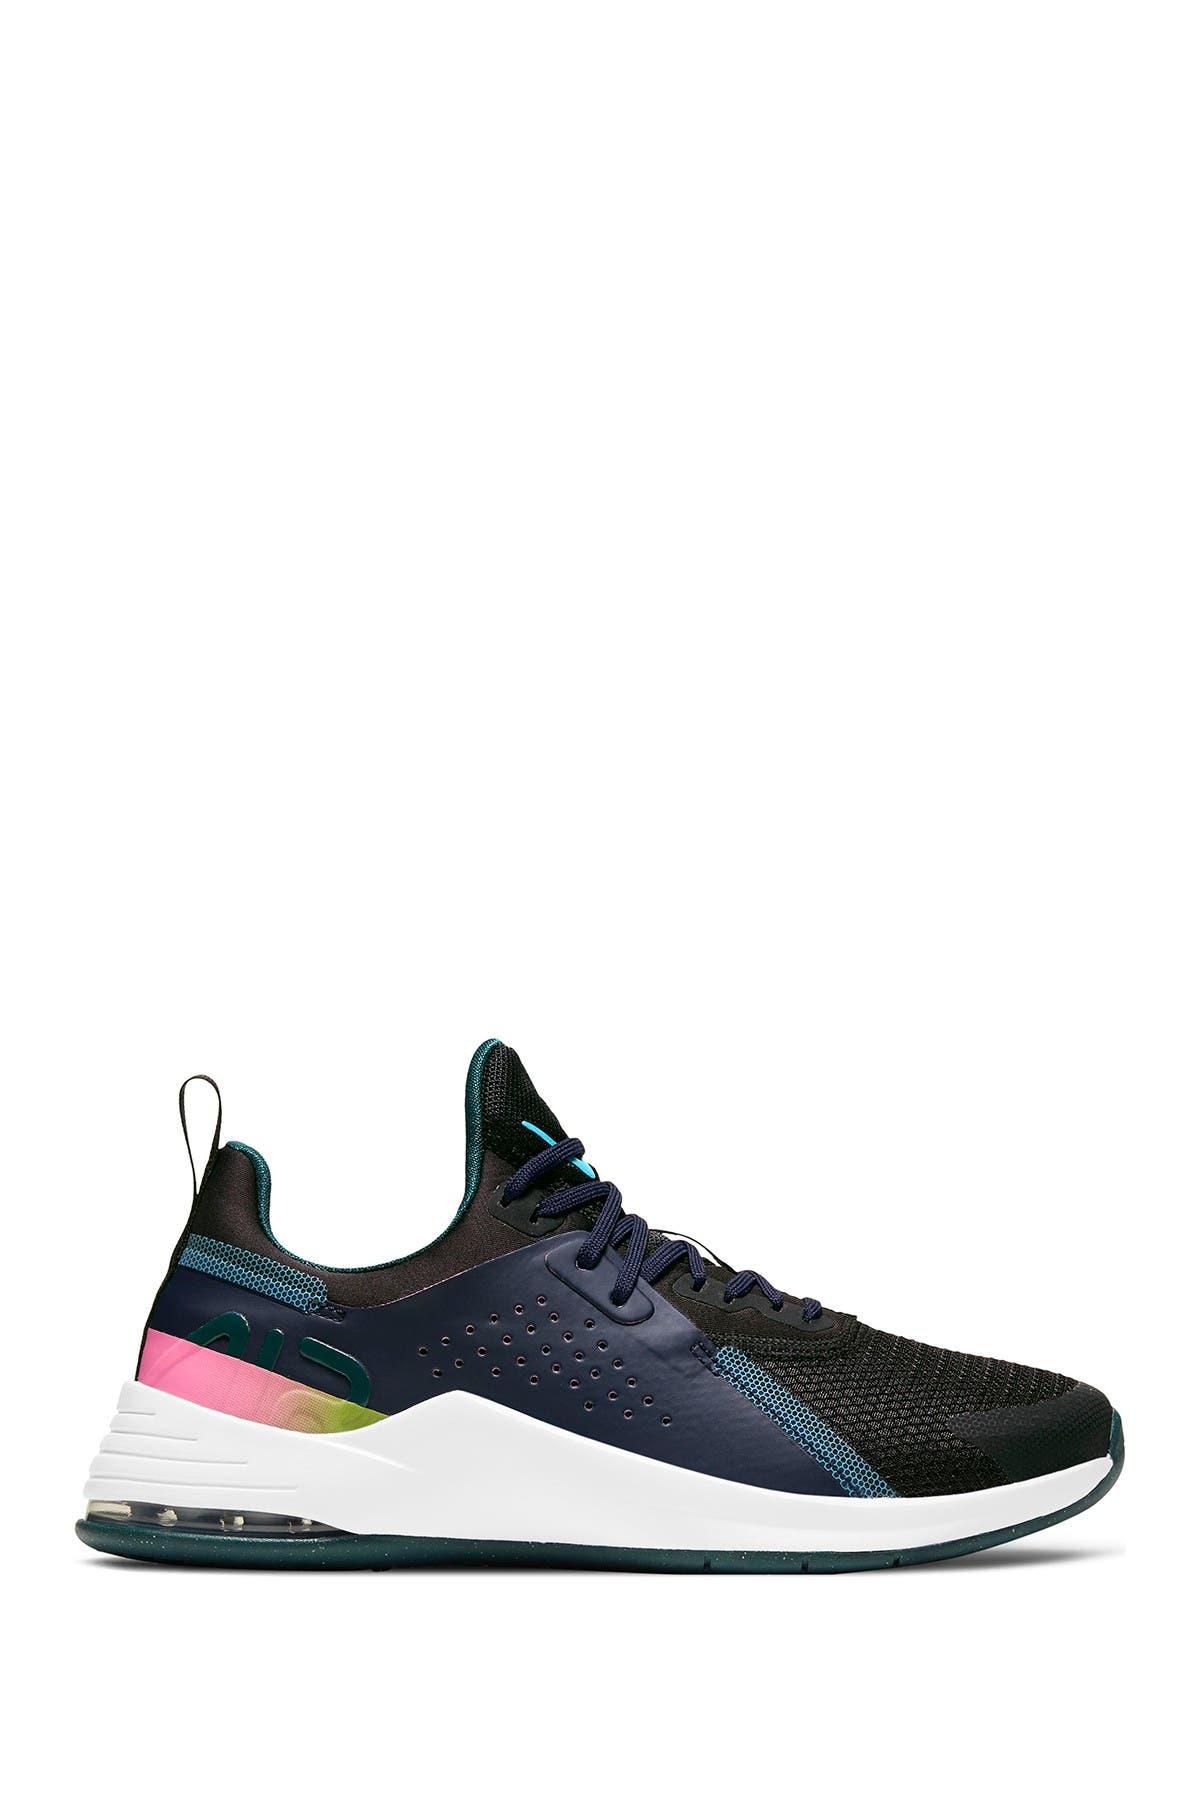 Image of Nike Air Max Bella TR 3 Sneaker